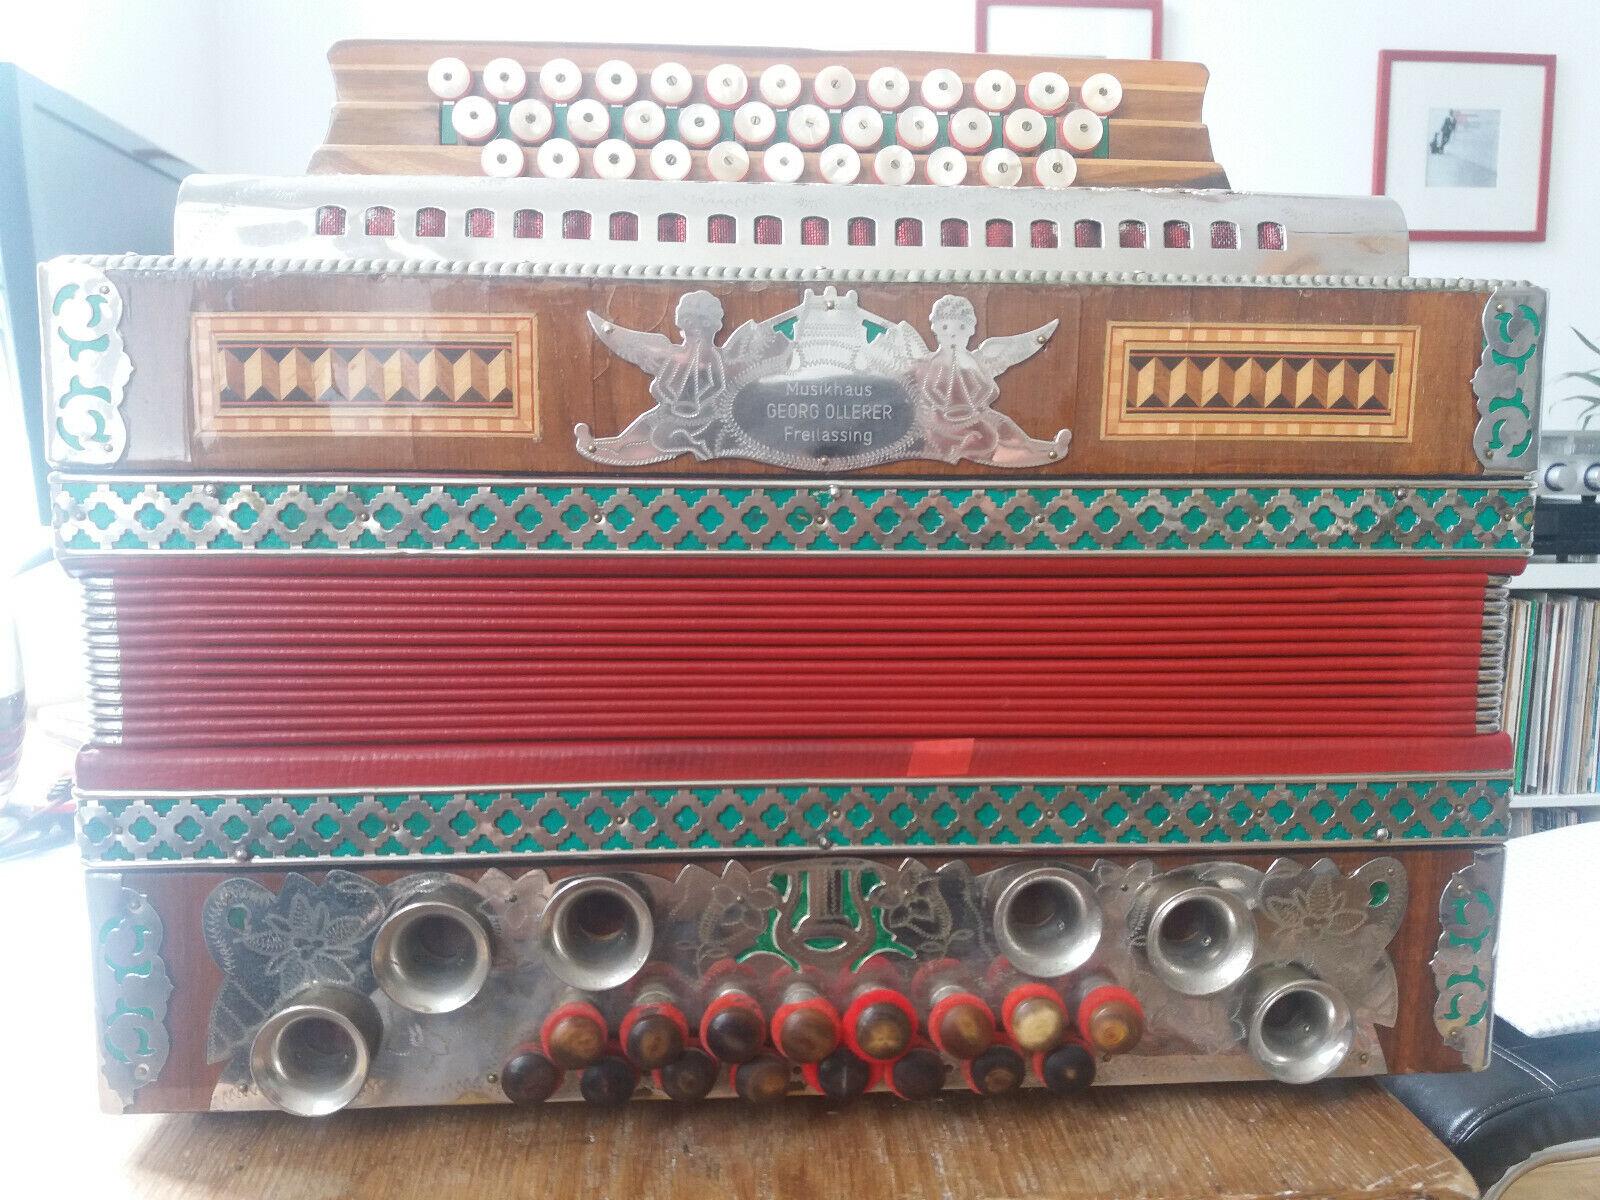 Steirische Handharmonika, Ziach Marke Öllerer, 4-reihig, dreichörig, B-Es-As-Des